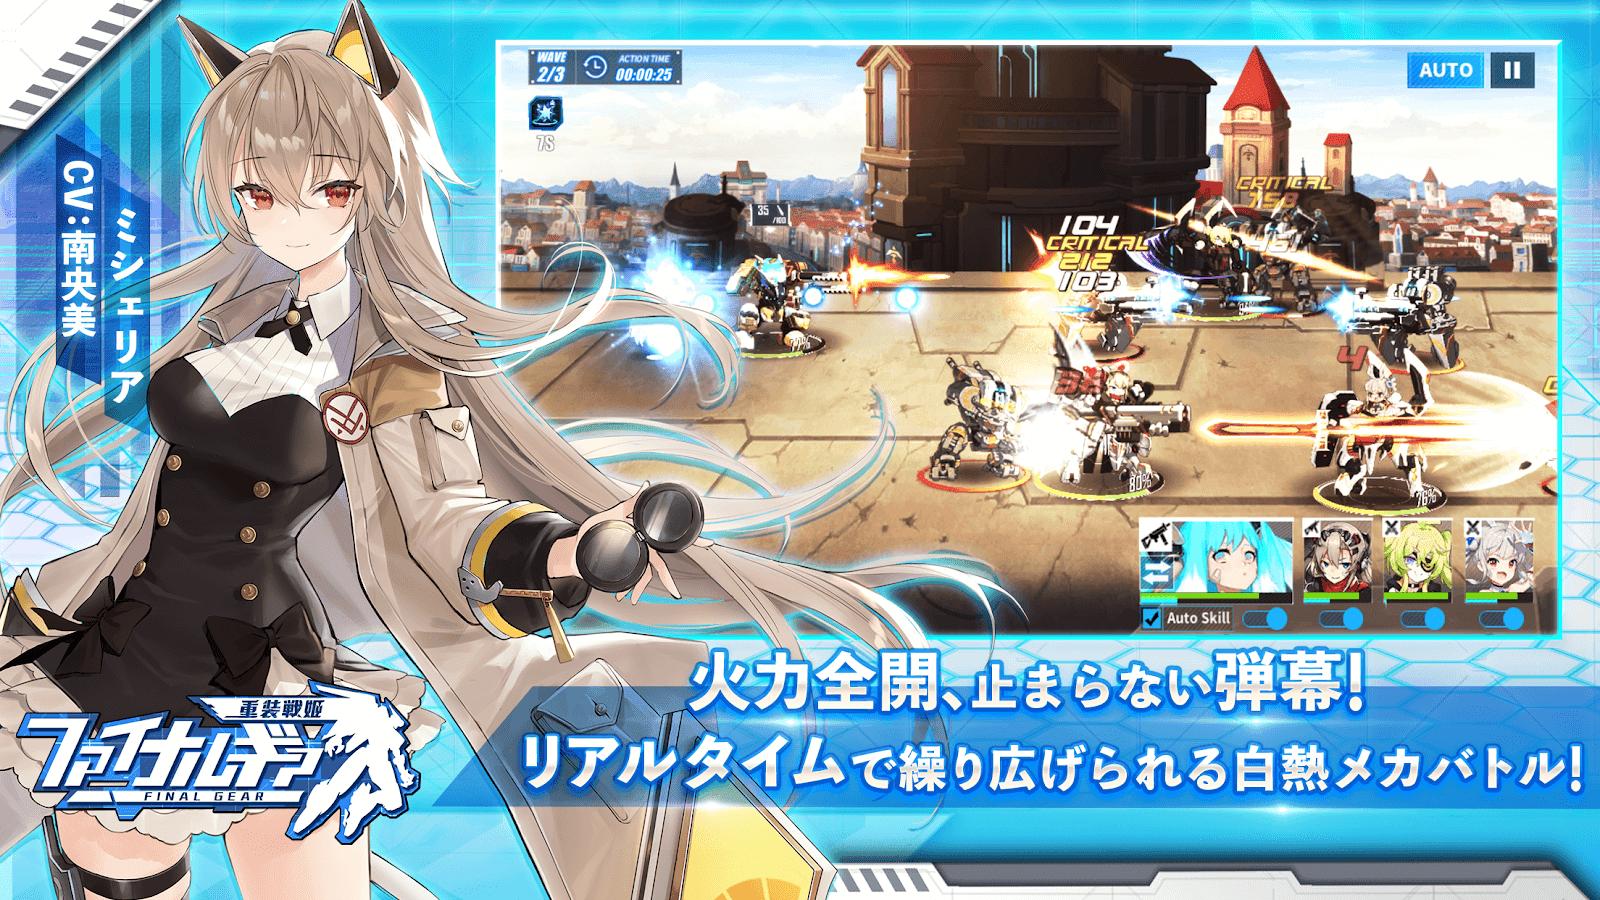 Final Gear - Japanese Server gameplay